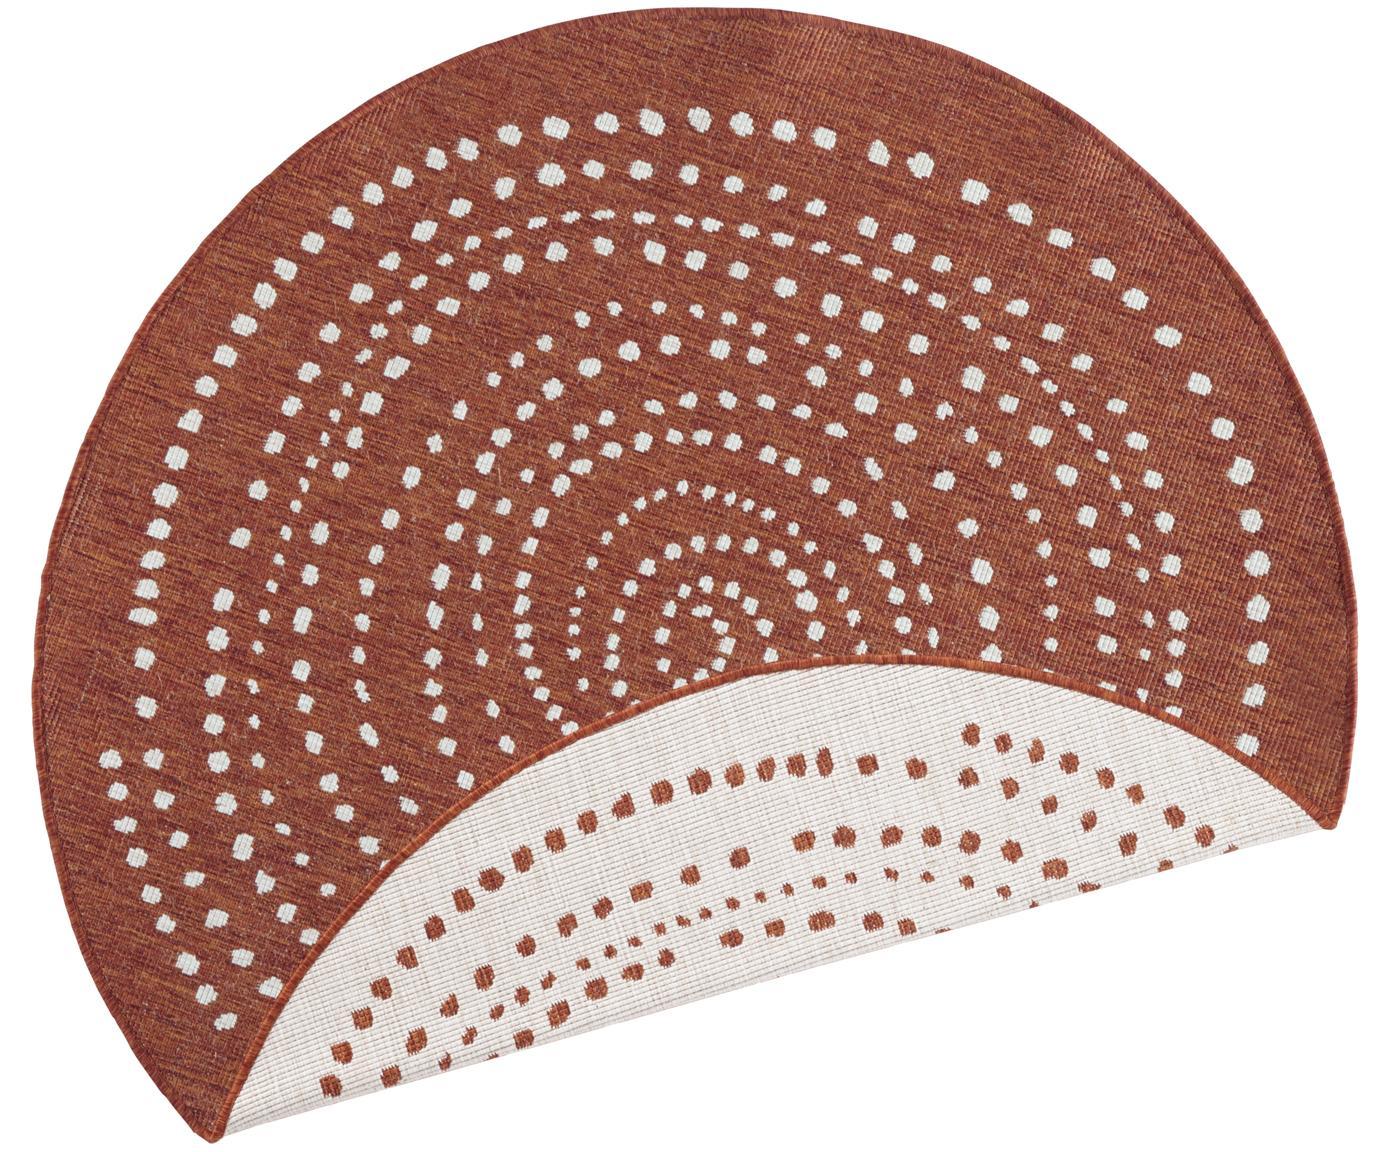 Tappeto rotondo reversibile da interno-esterno Bali, Terracotta, color crema, Ø 140 cm (taglia M)